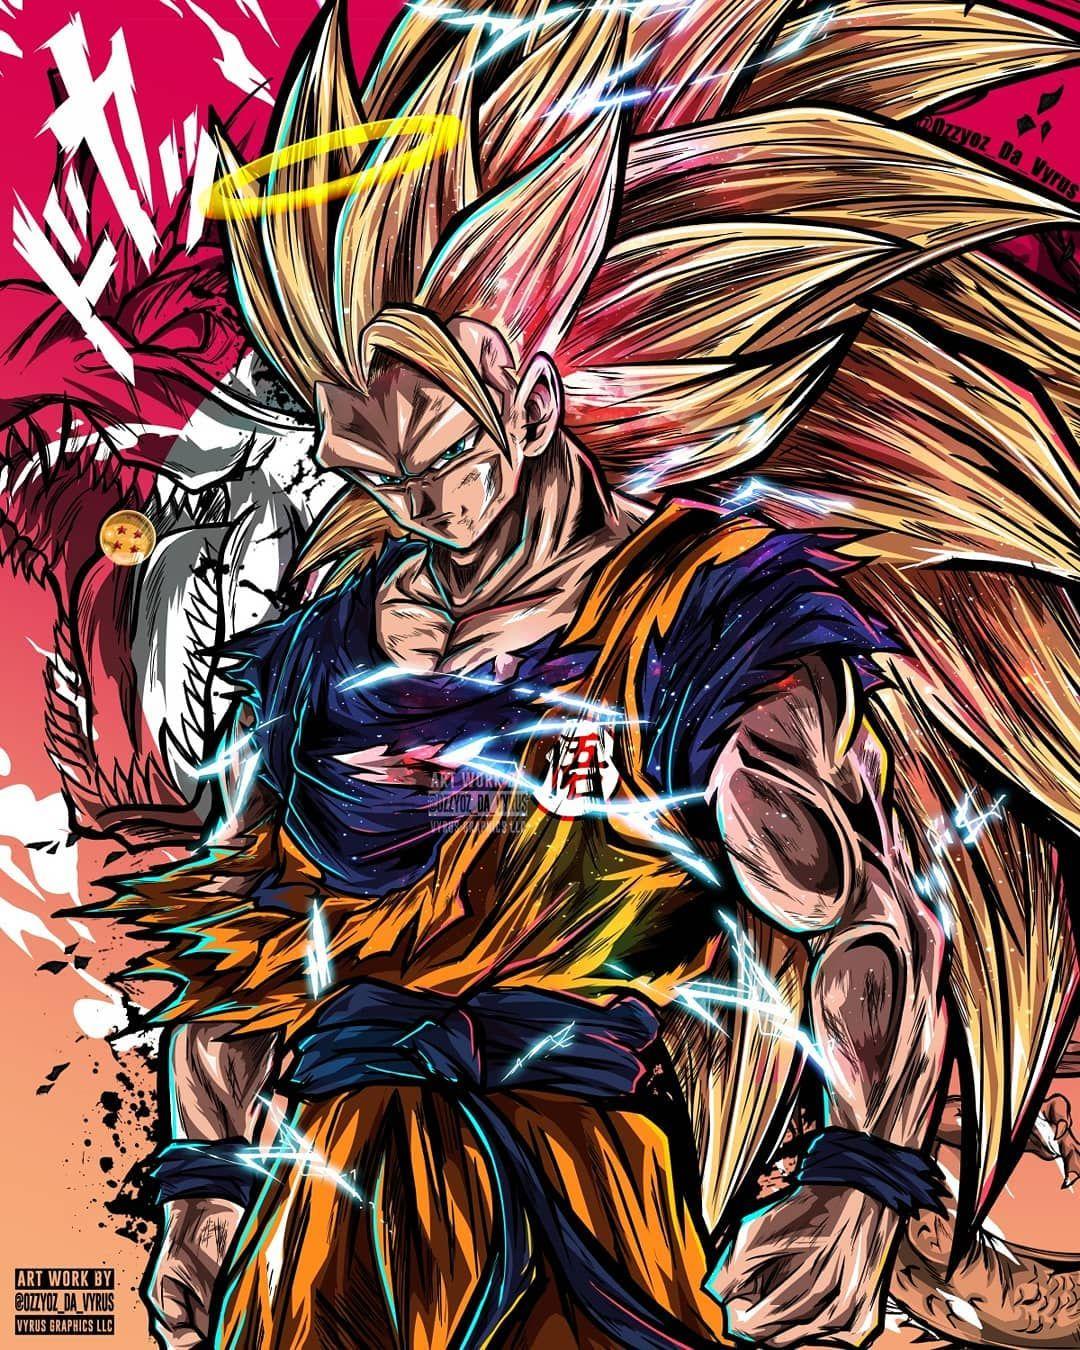 And This Is To Go Even Further And Beyond Goku Super Saiyan 3 The Art Work Anime Dragon Ball Super Dragon Ball Tattoo Dragon Ball Super Artwork